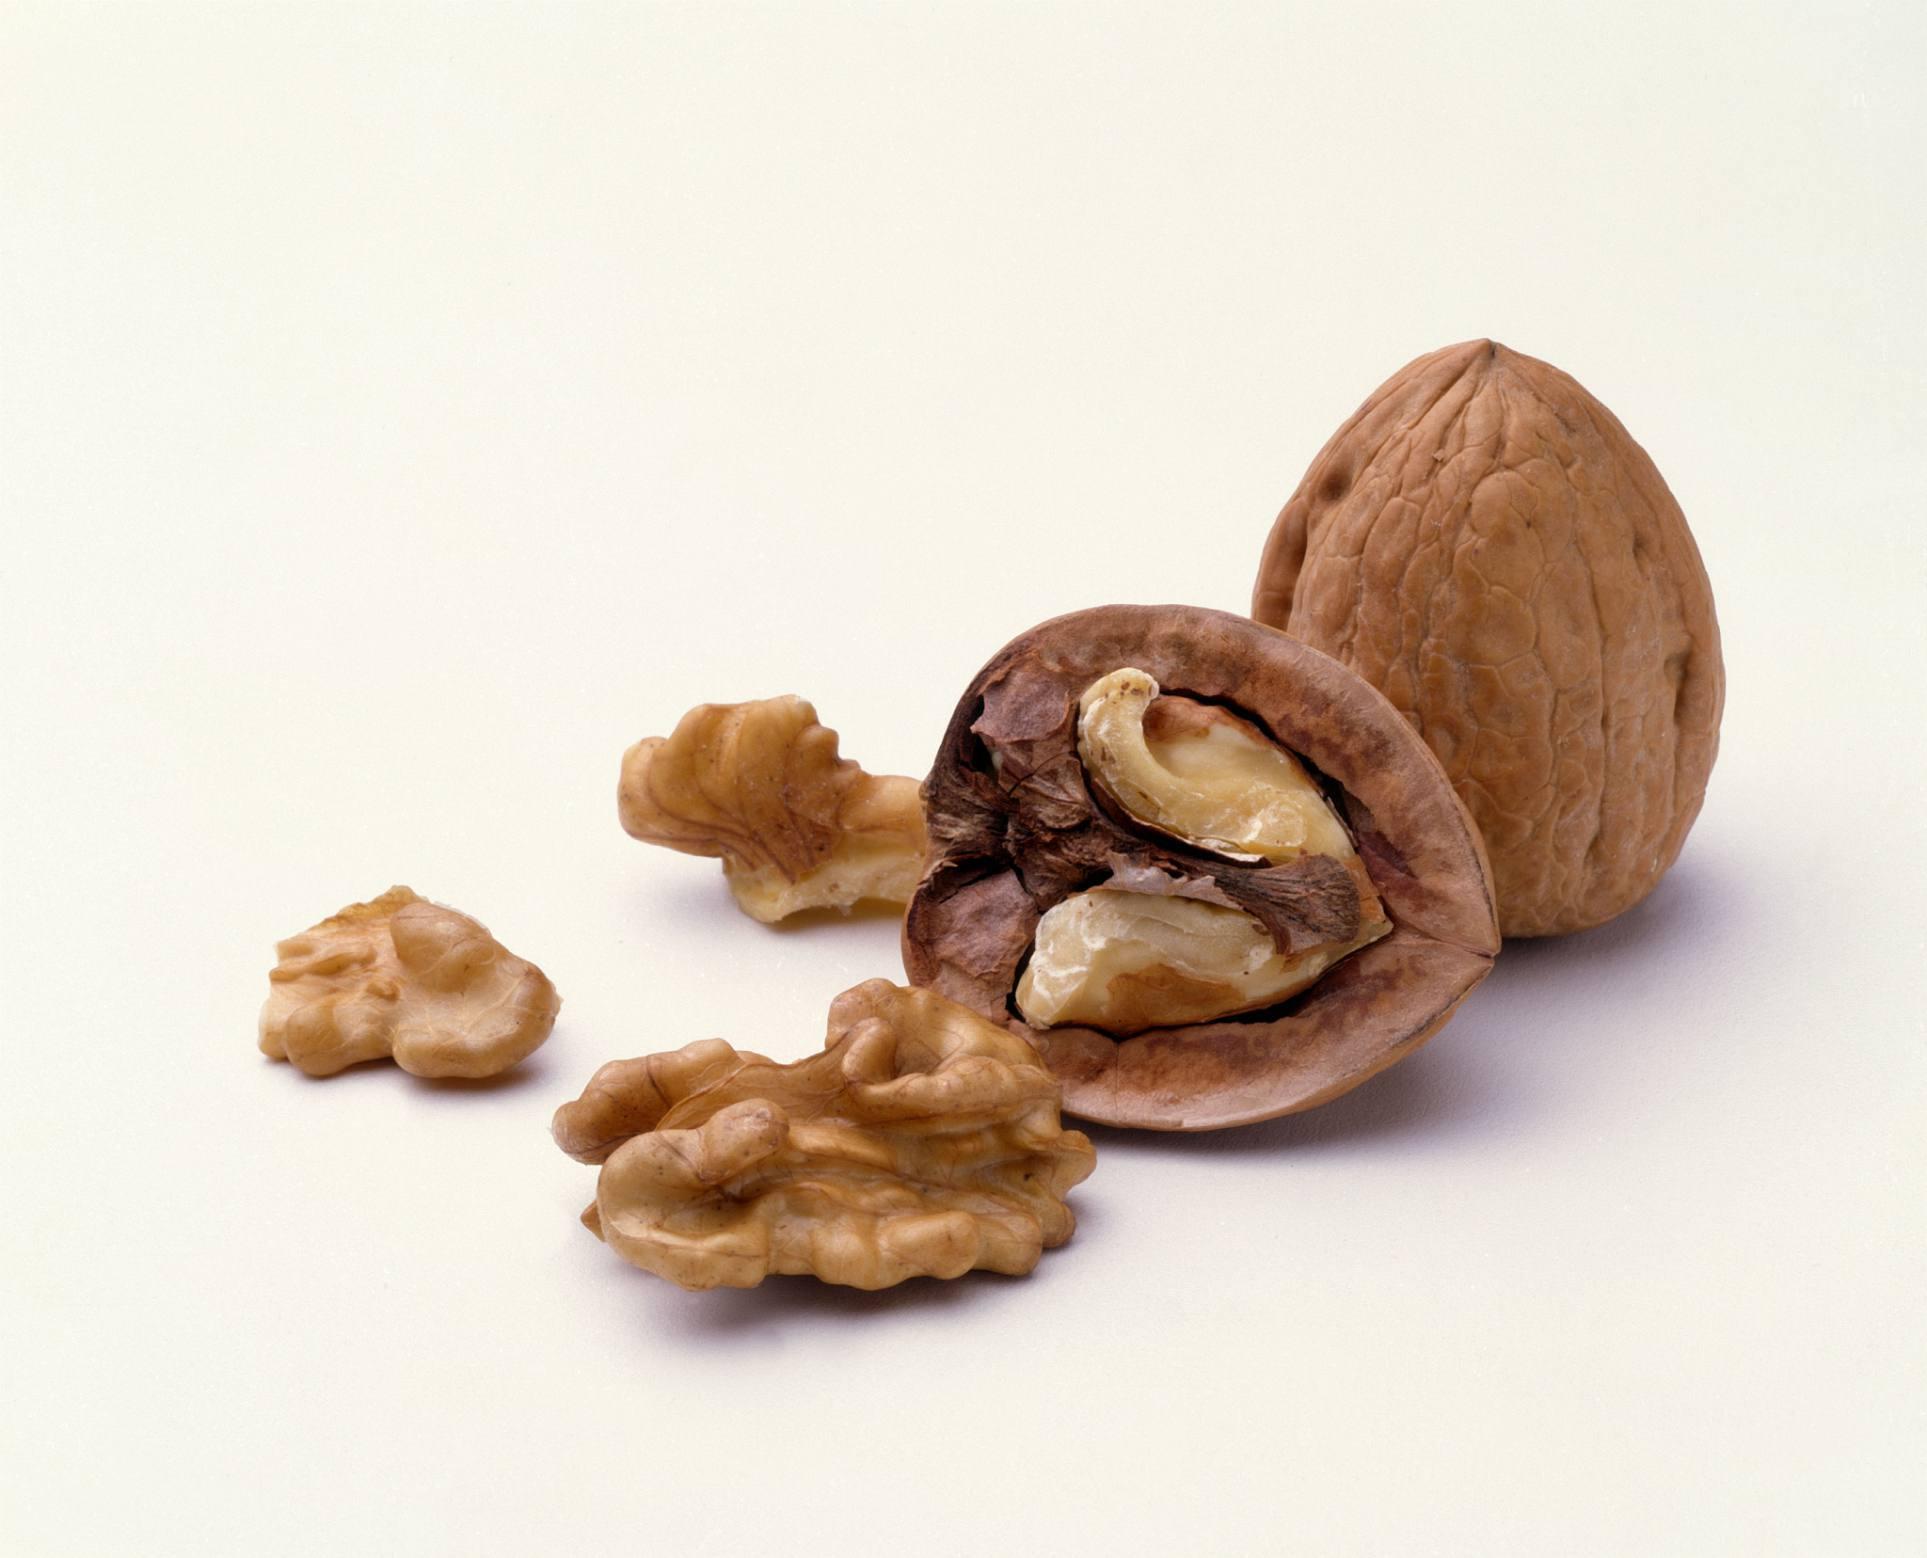 Las nueces son alimentos antioxidantes